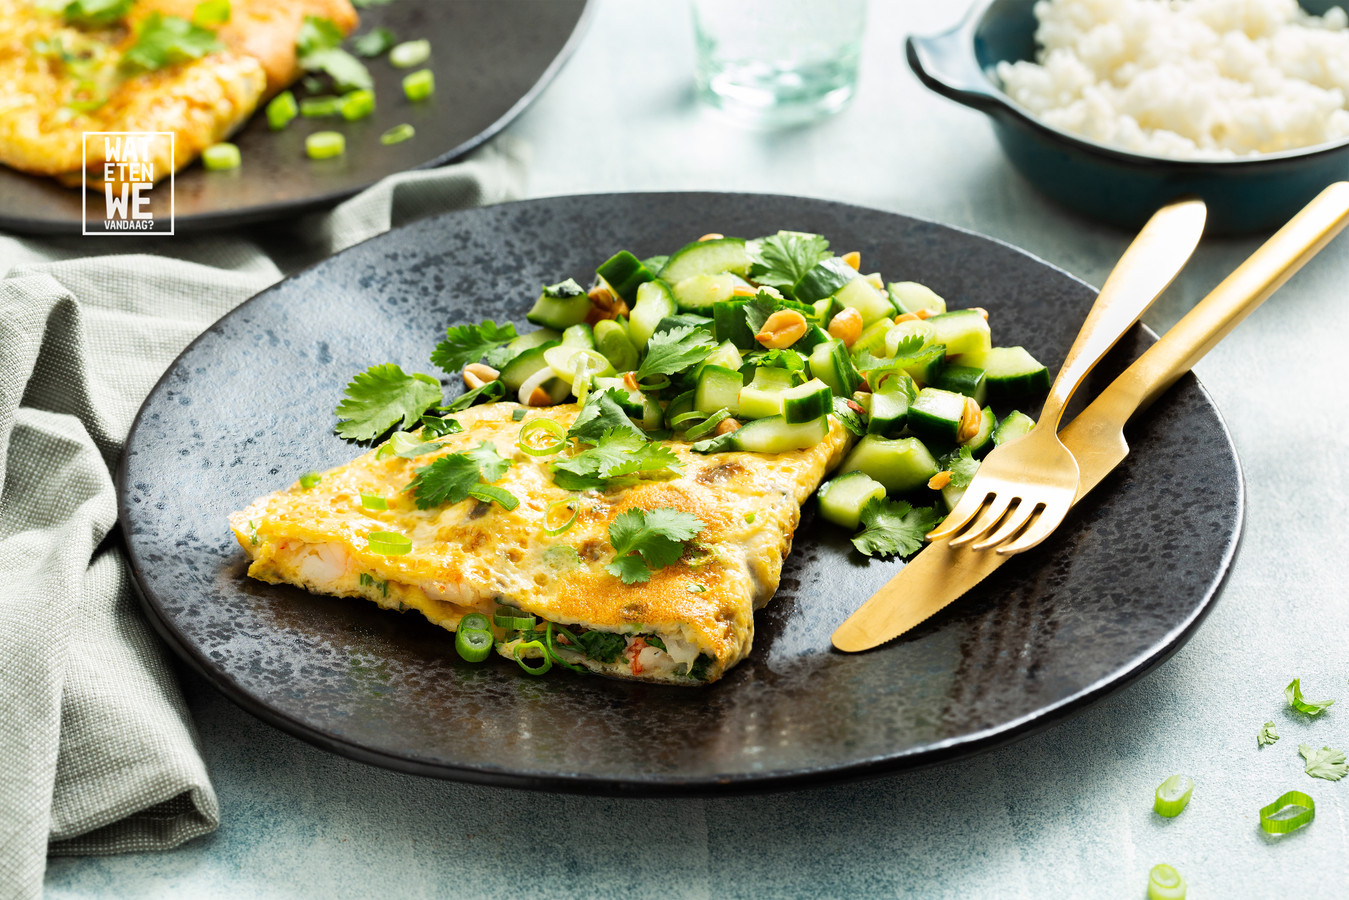 Vietnamees omelet